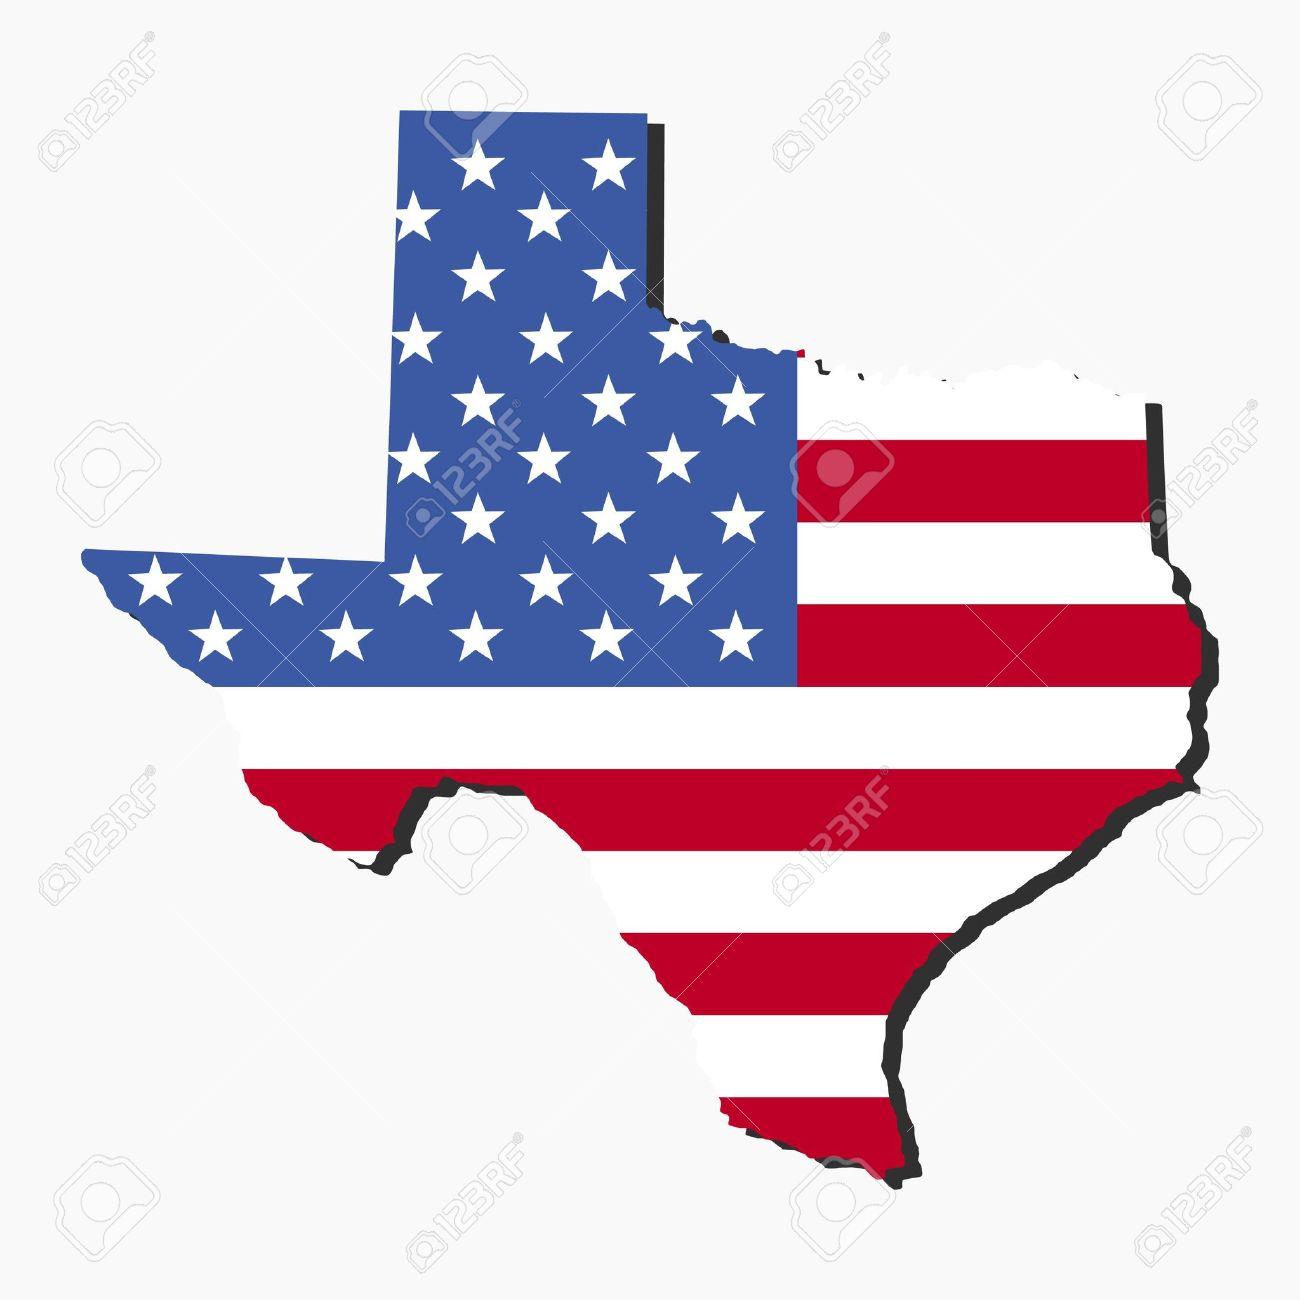 Mapa Del Estado De Texas Y La Bandera Americana Ilustración Fotos ...